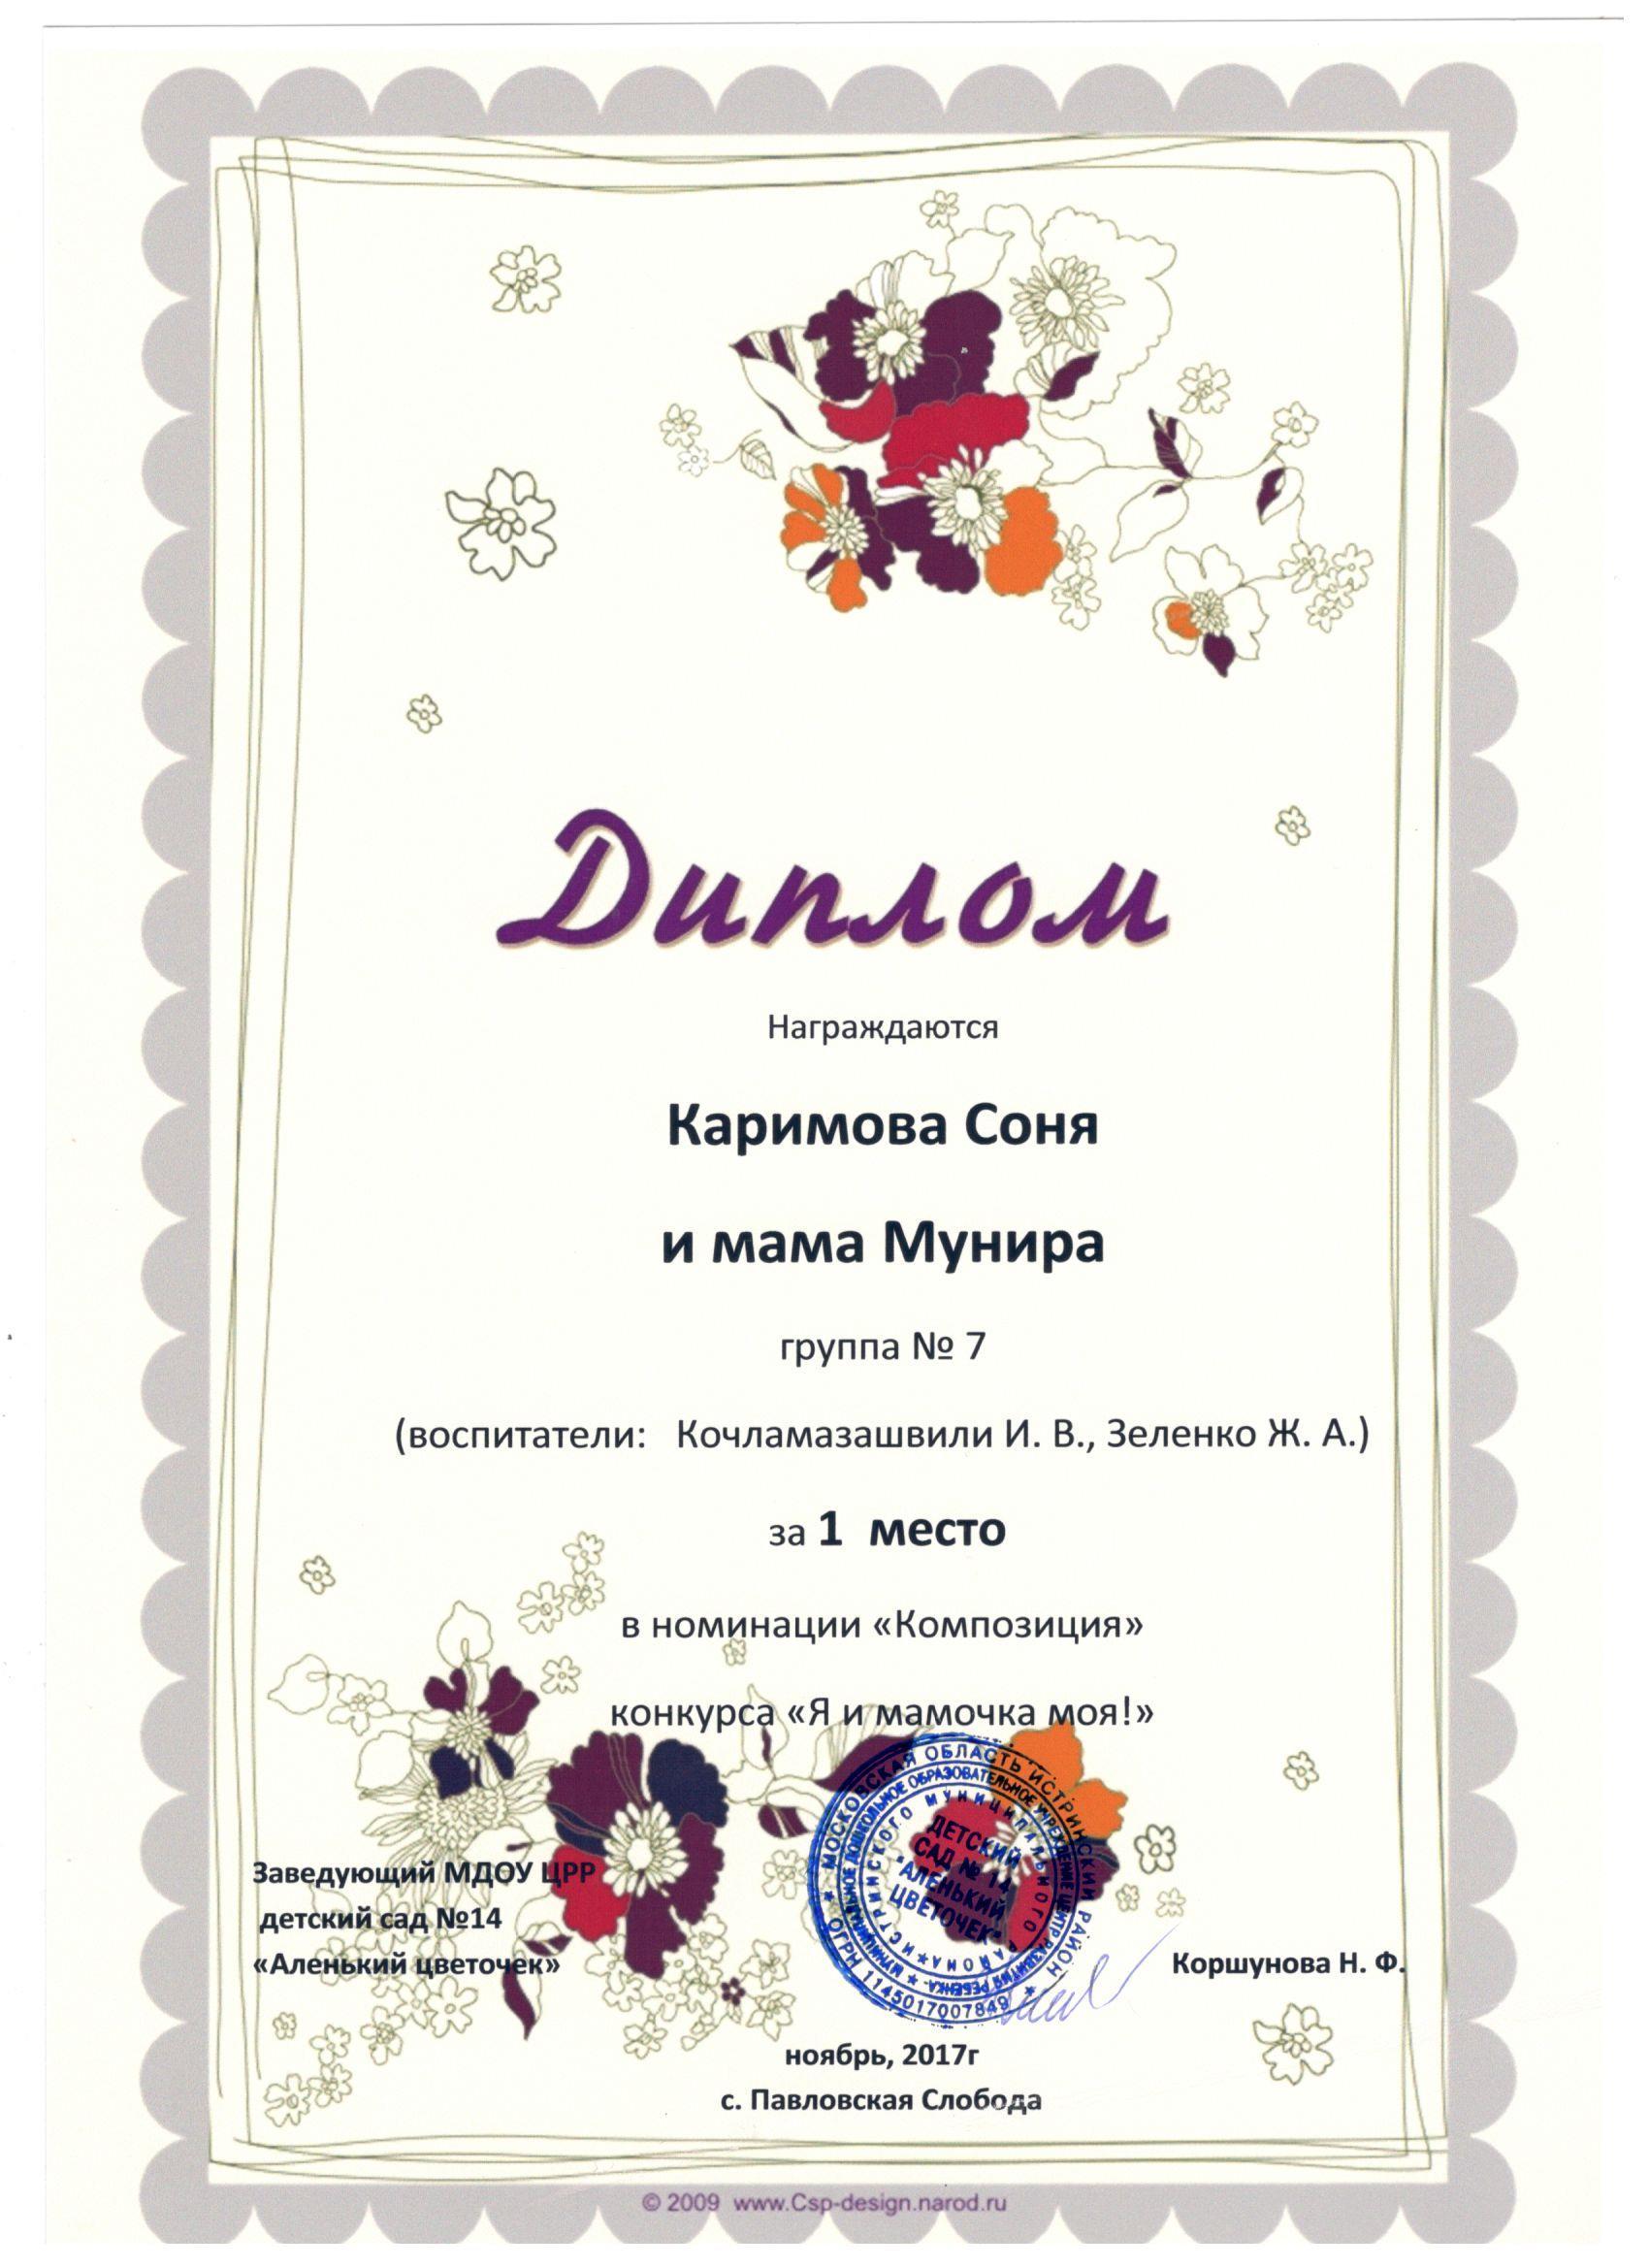 Каримова Соня